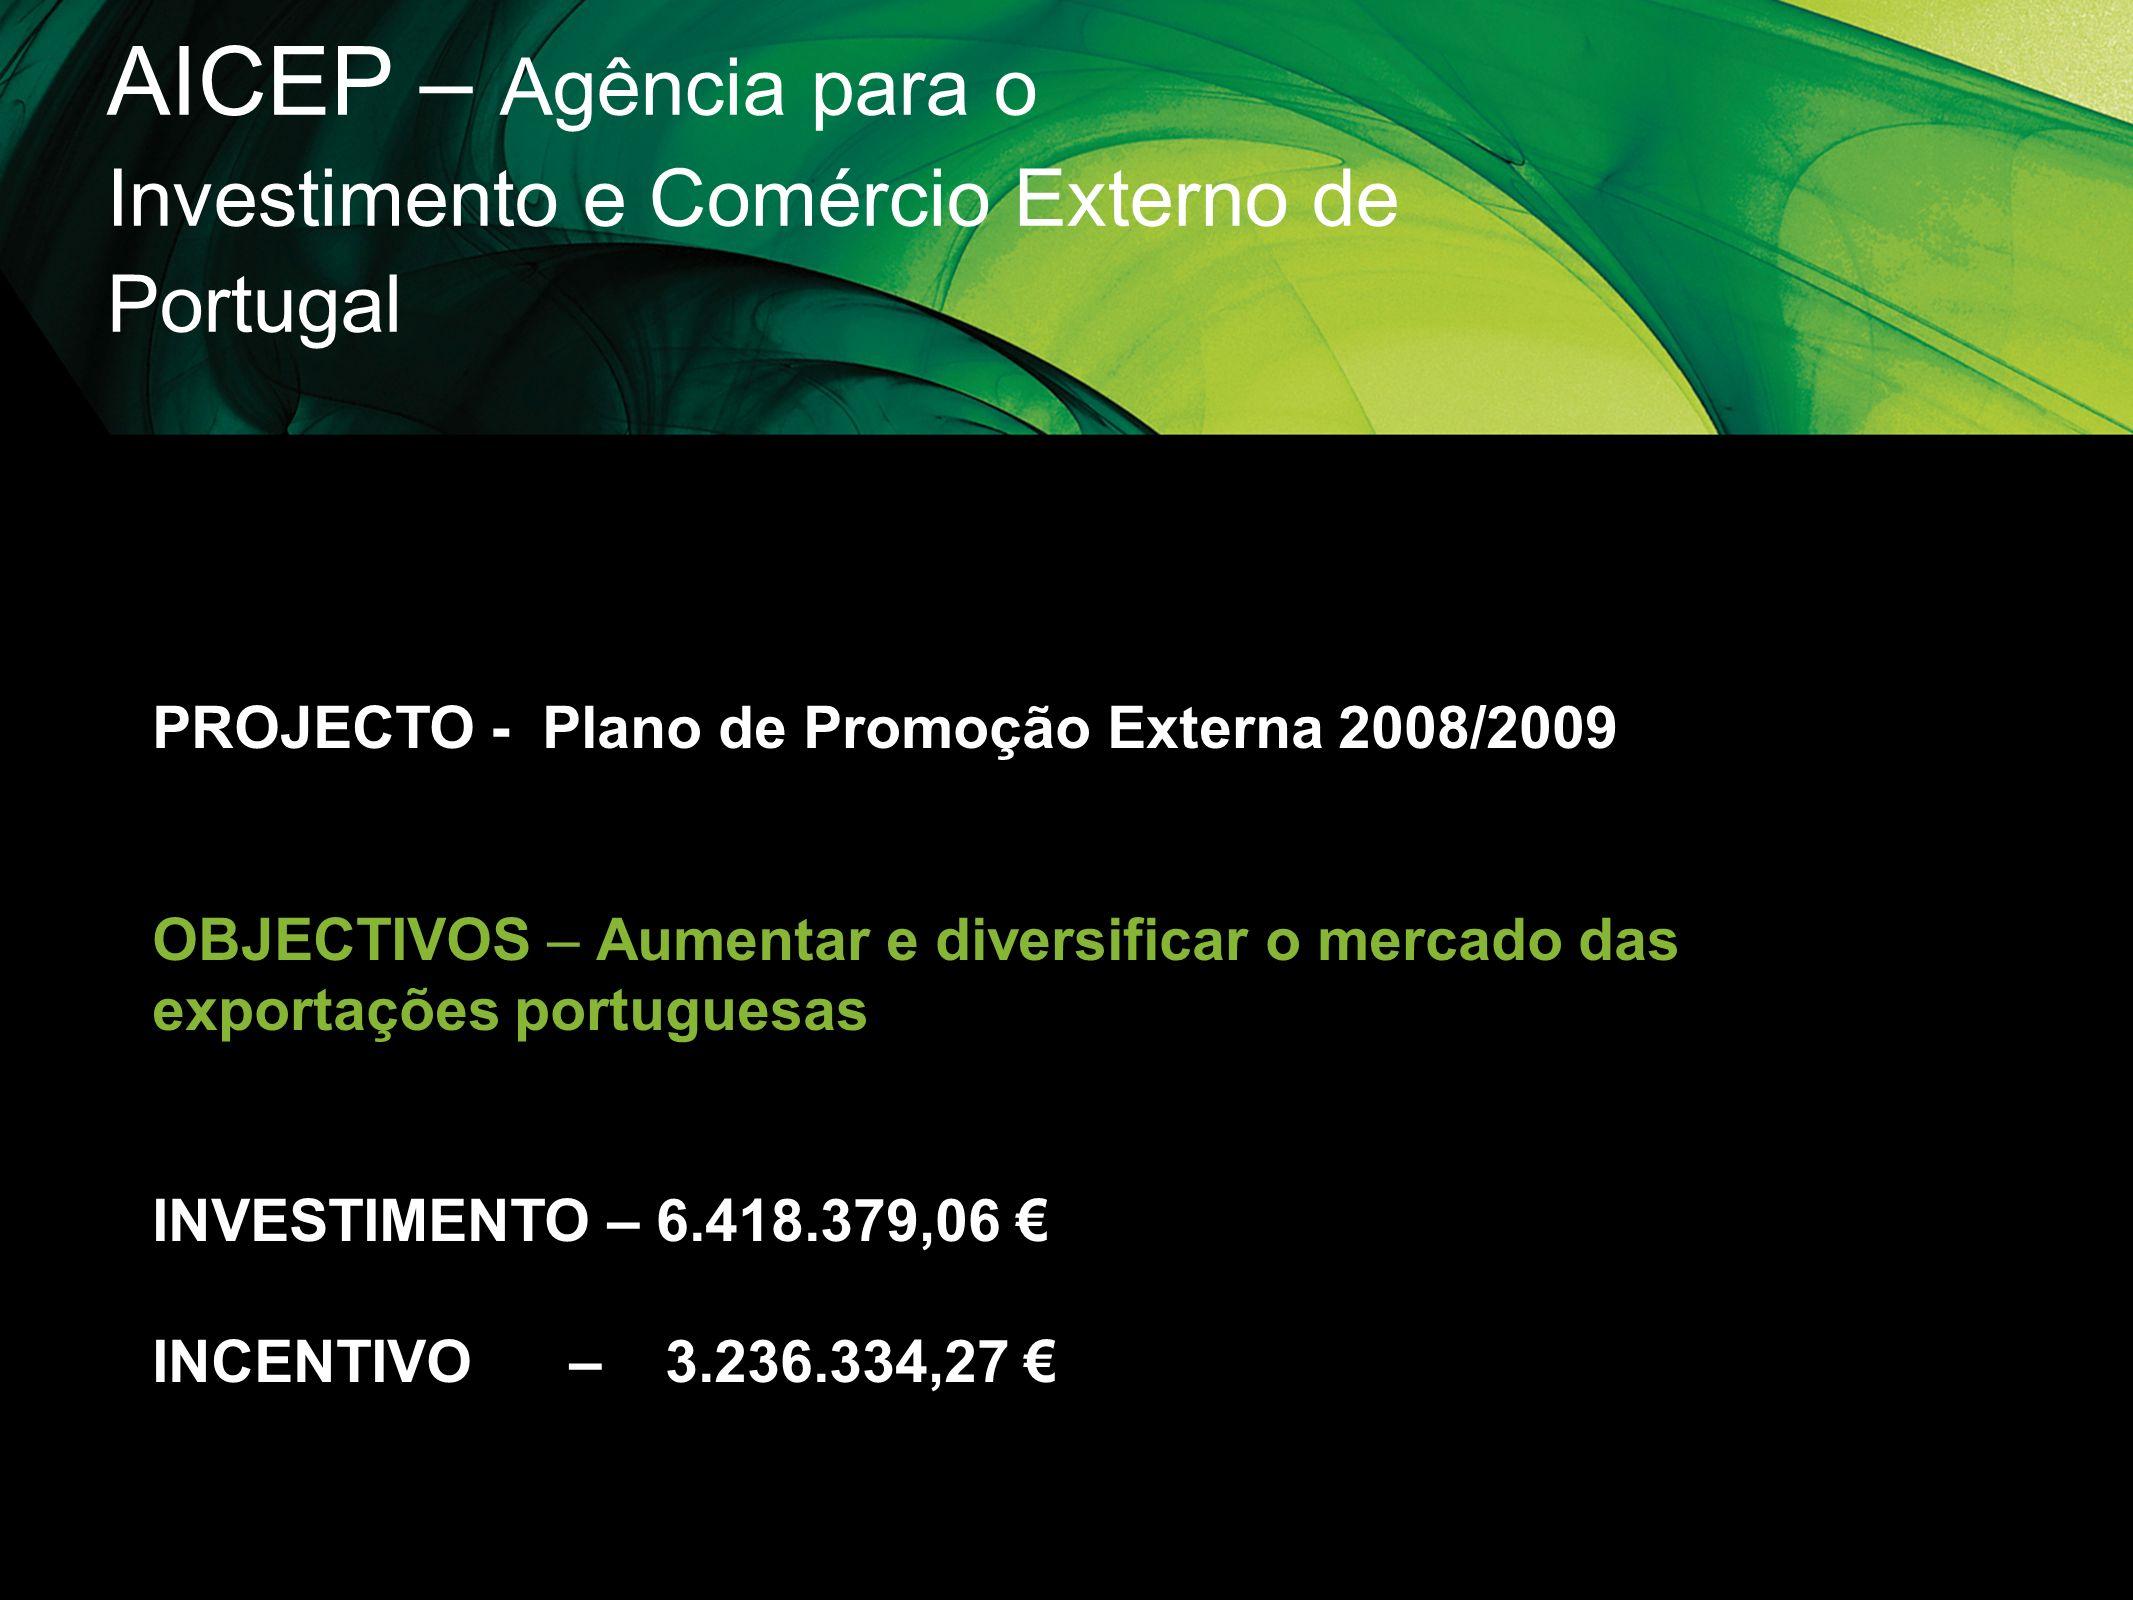 AICEP – Agência para o Investimento e Comércio Externo de Portugal PROJECTO - Plano de Promoção Externa 2008/2009 OBJECTIVOS – Aumentar e diversificar